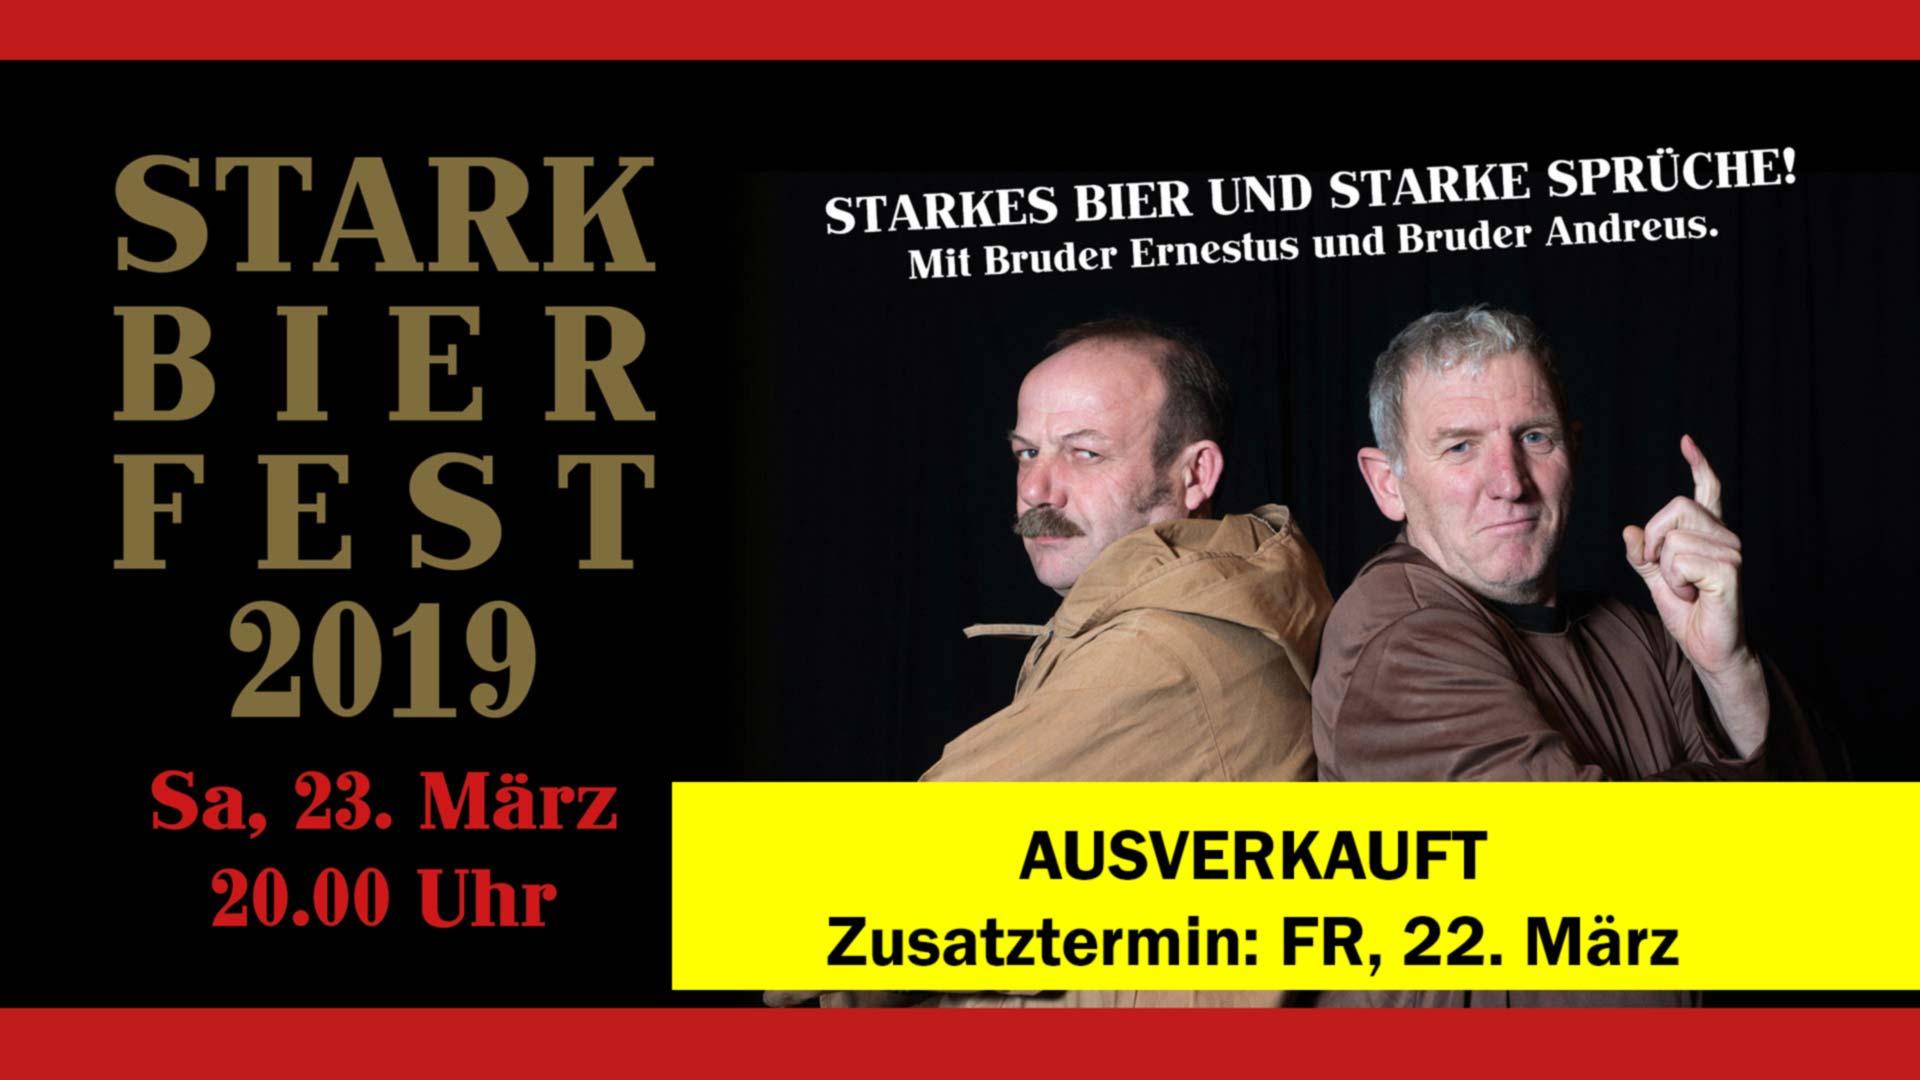 Starkbierfest 2019 Sa ausverkauft